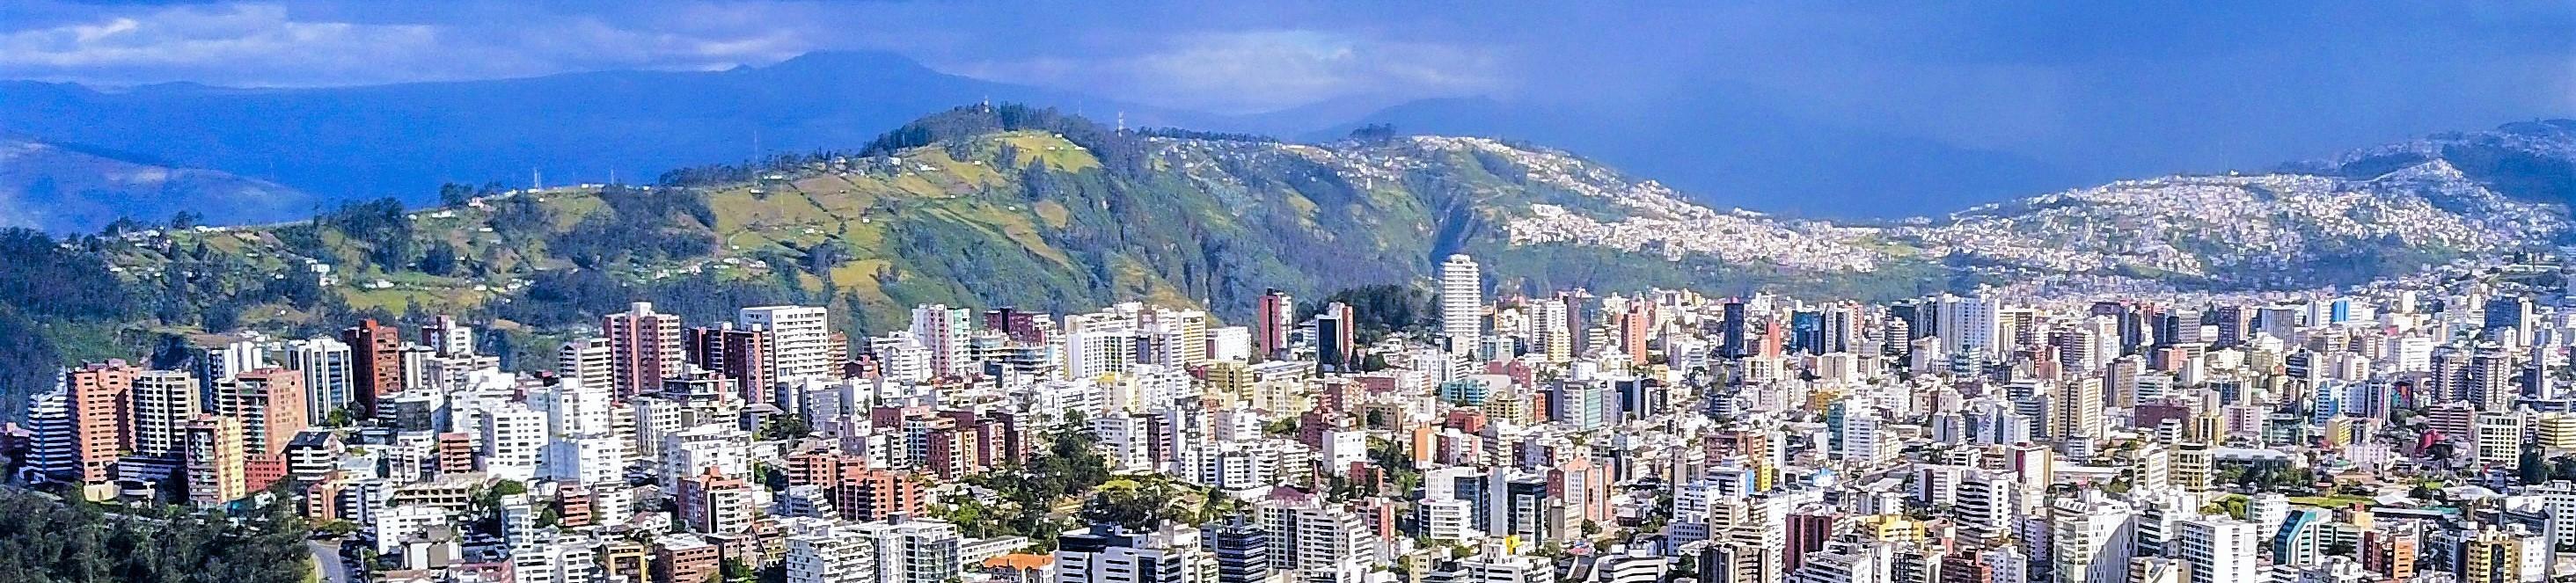 AirVūz - Ecuador Drone Videos